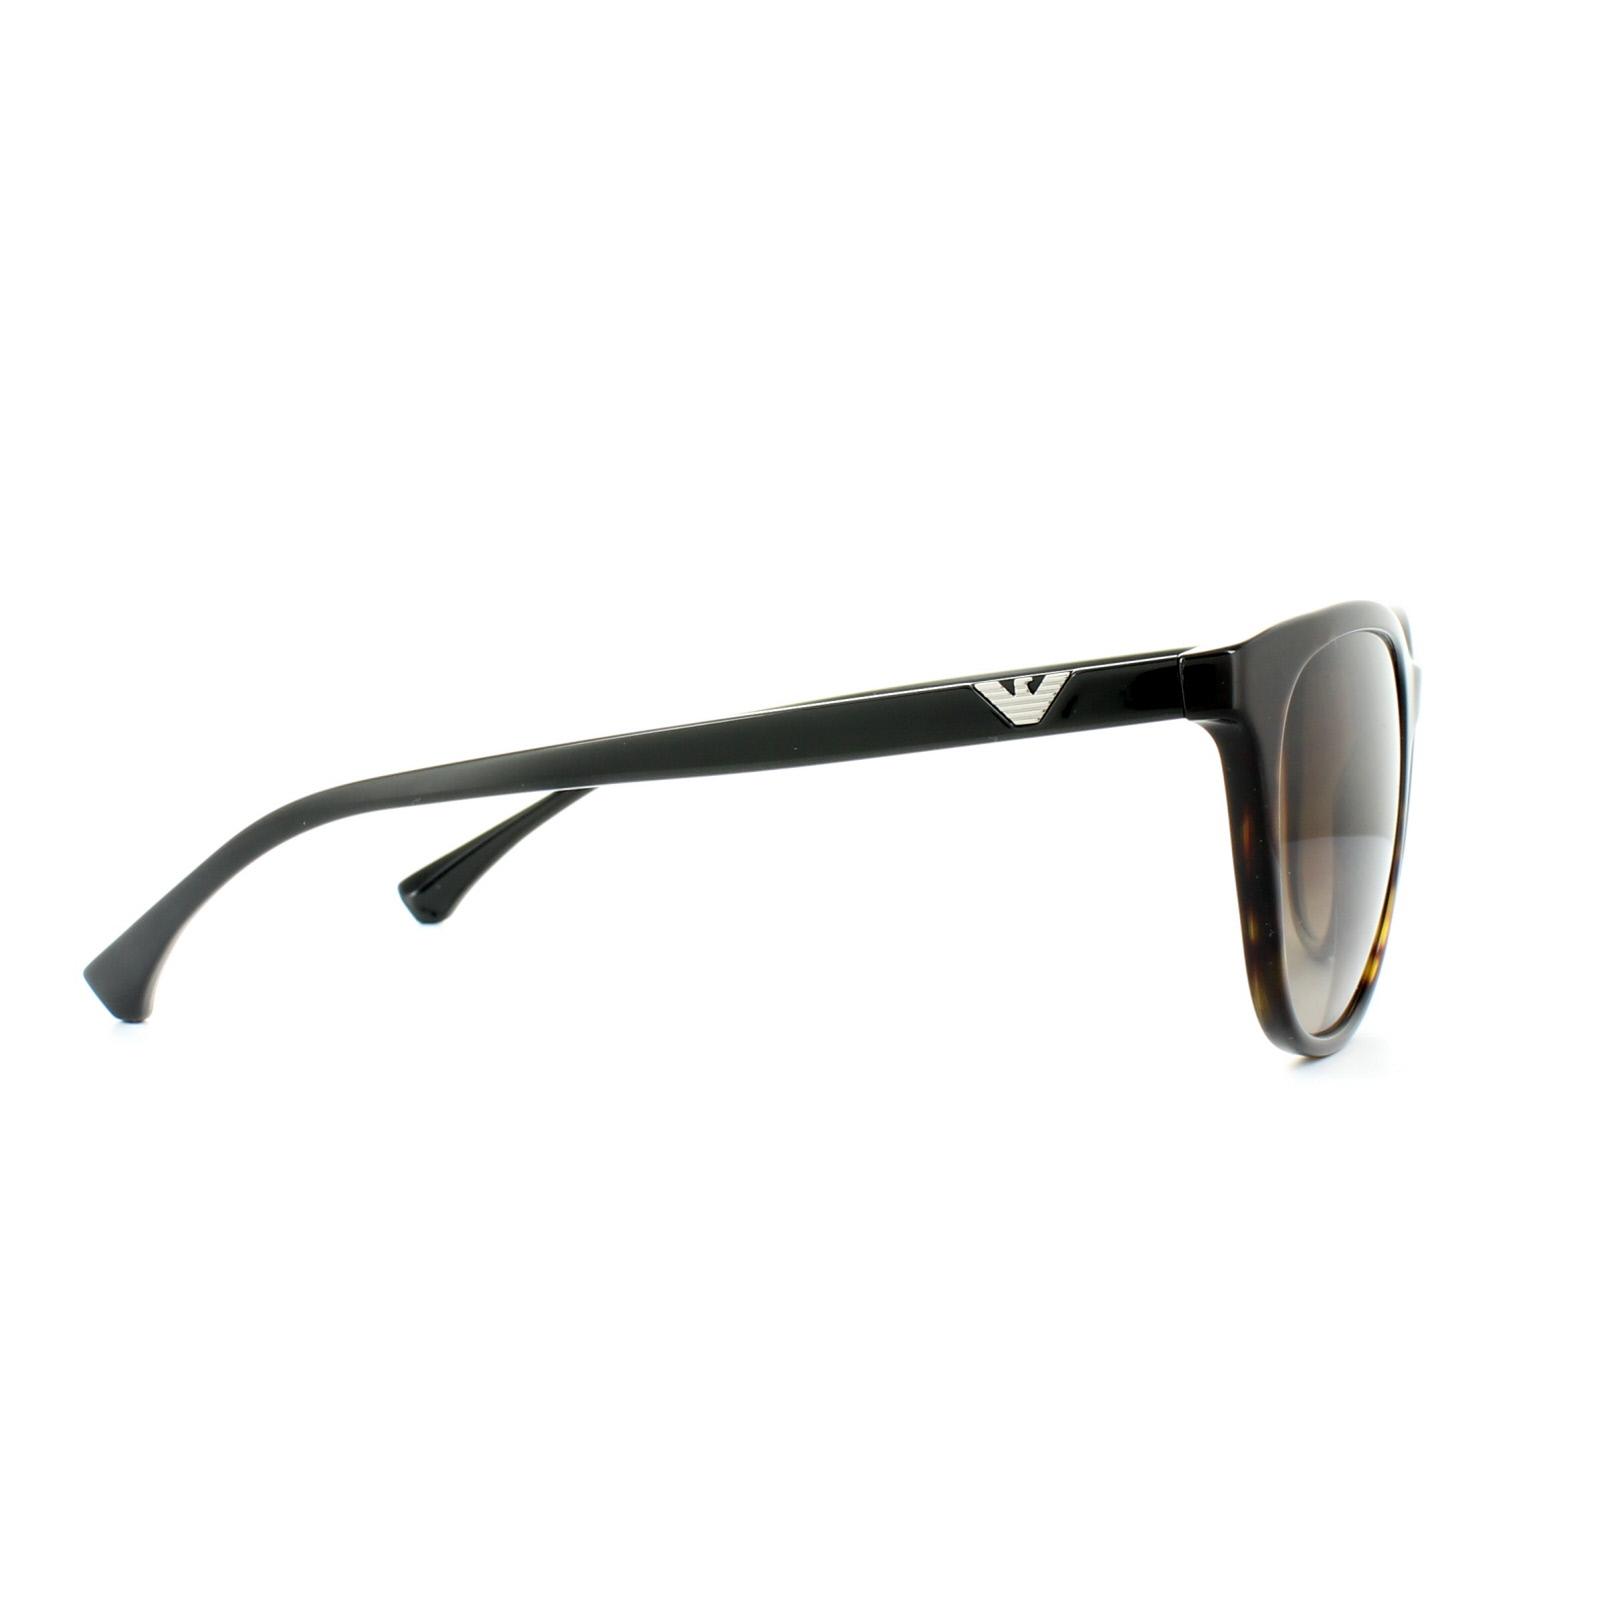 e13831bcd9b Sentinel Emporio Armani Sunglasses 4086 5026 13 Dark Havana Brown Gradient